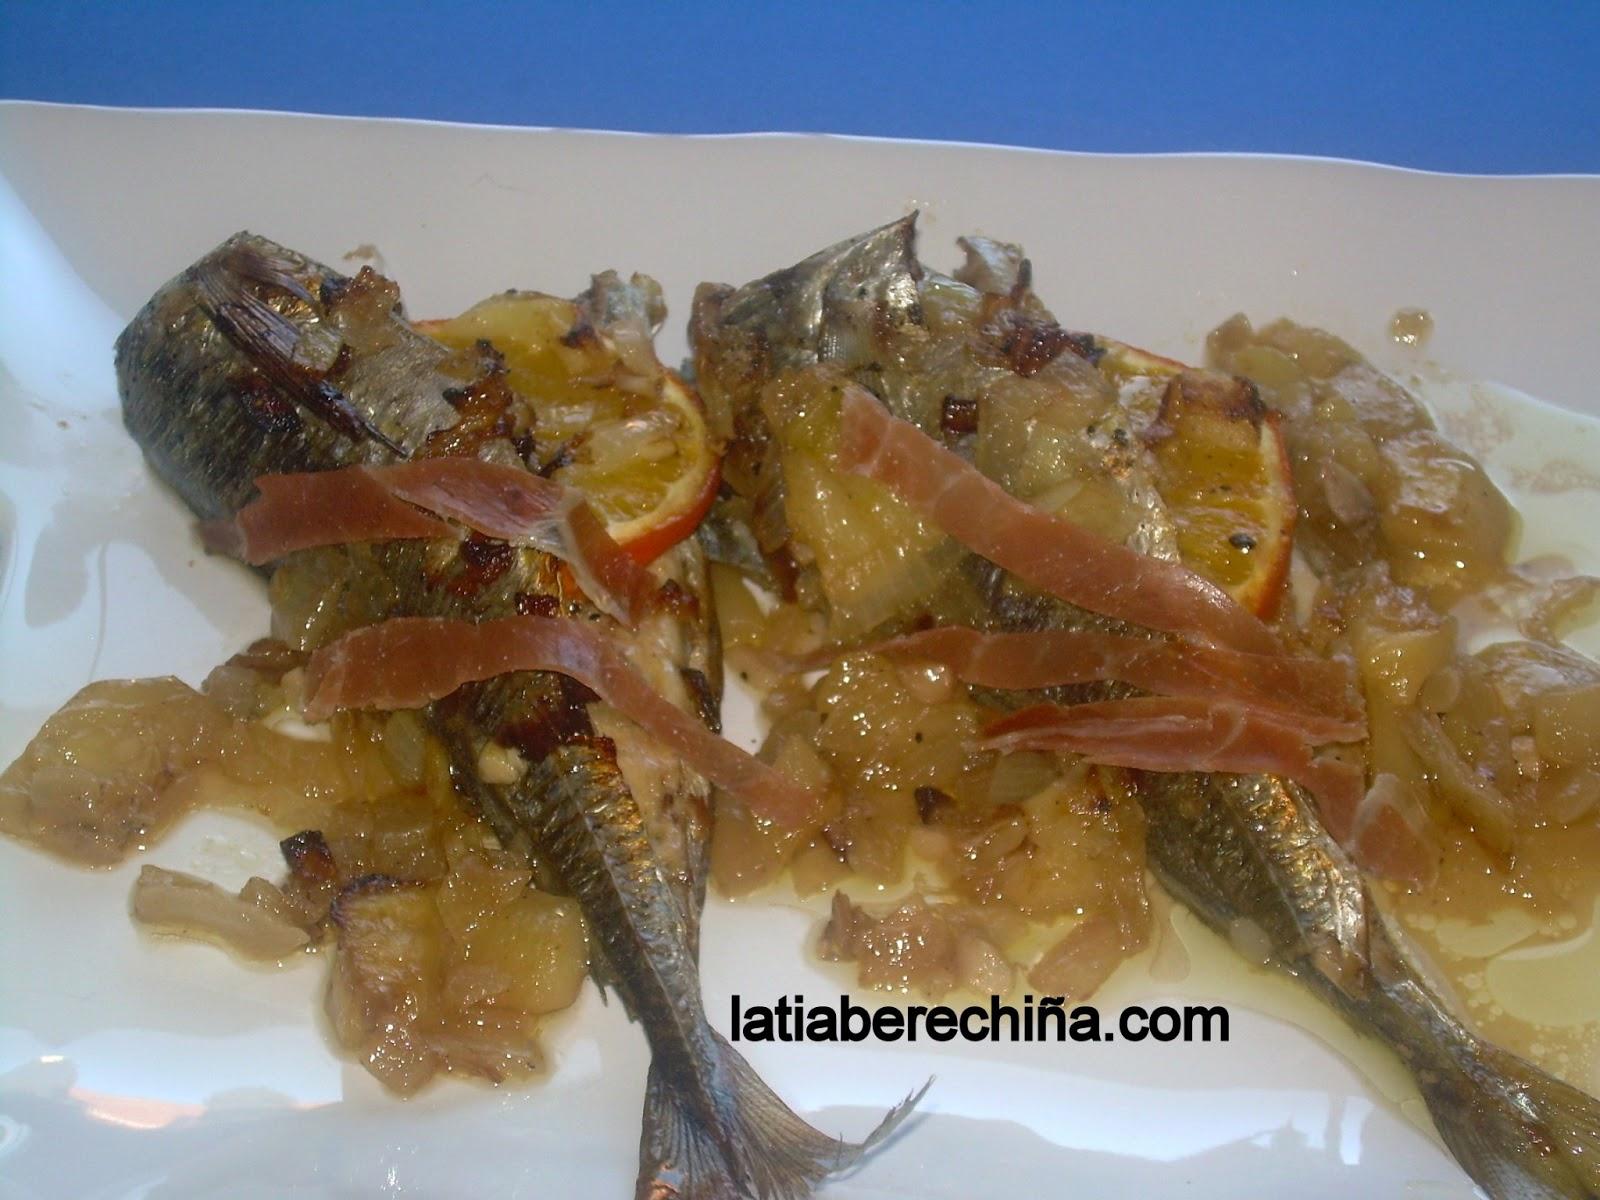 El blog de la tia berechi a jurel al horno con naranja for Cocinar jurel